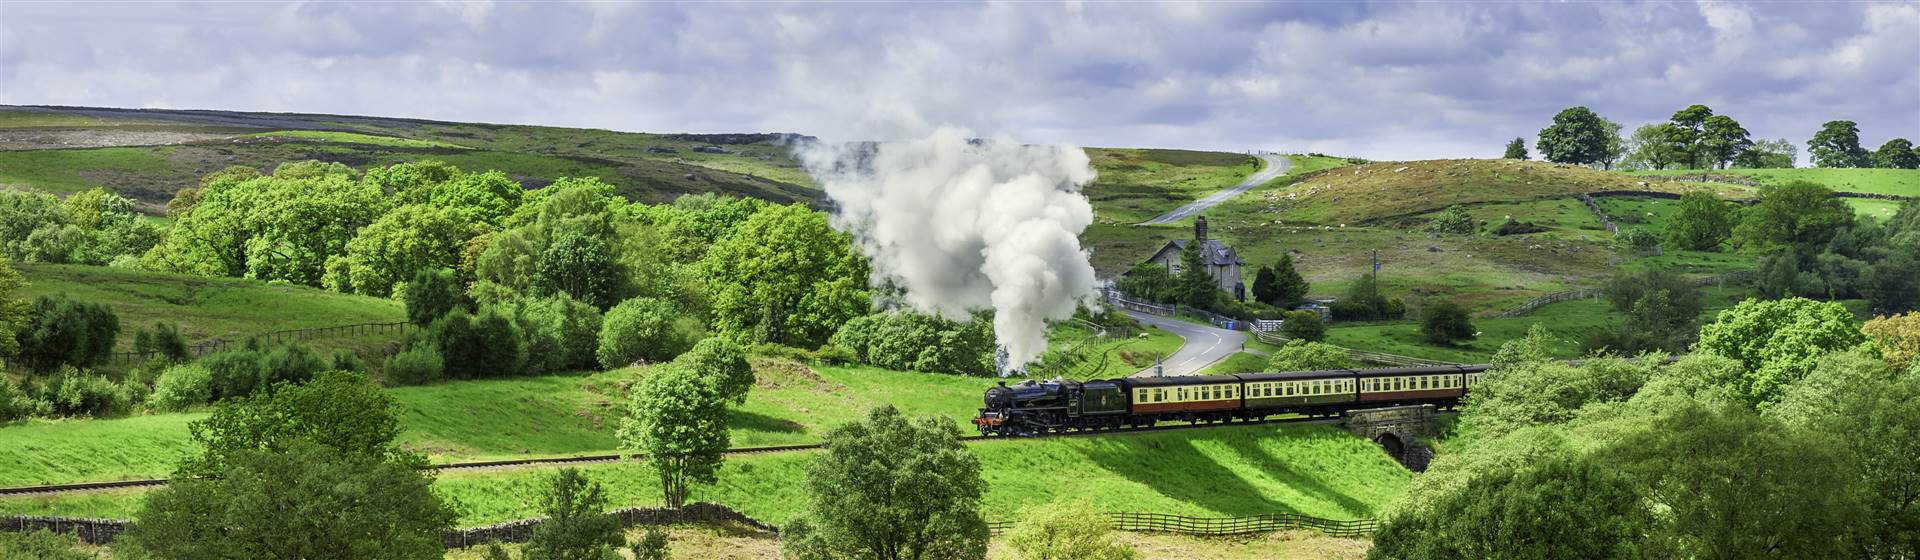 """<img src=""""steamtrainnrpickeringonnorthyorkmoors-shutterstock.jpeg"""" alt=""""Steam train nr Pickering""""/>"""